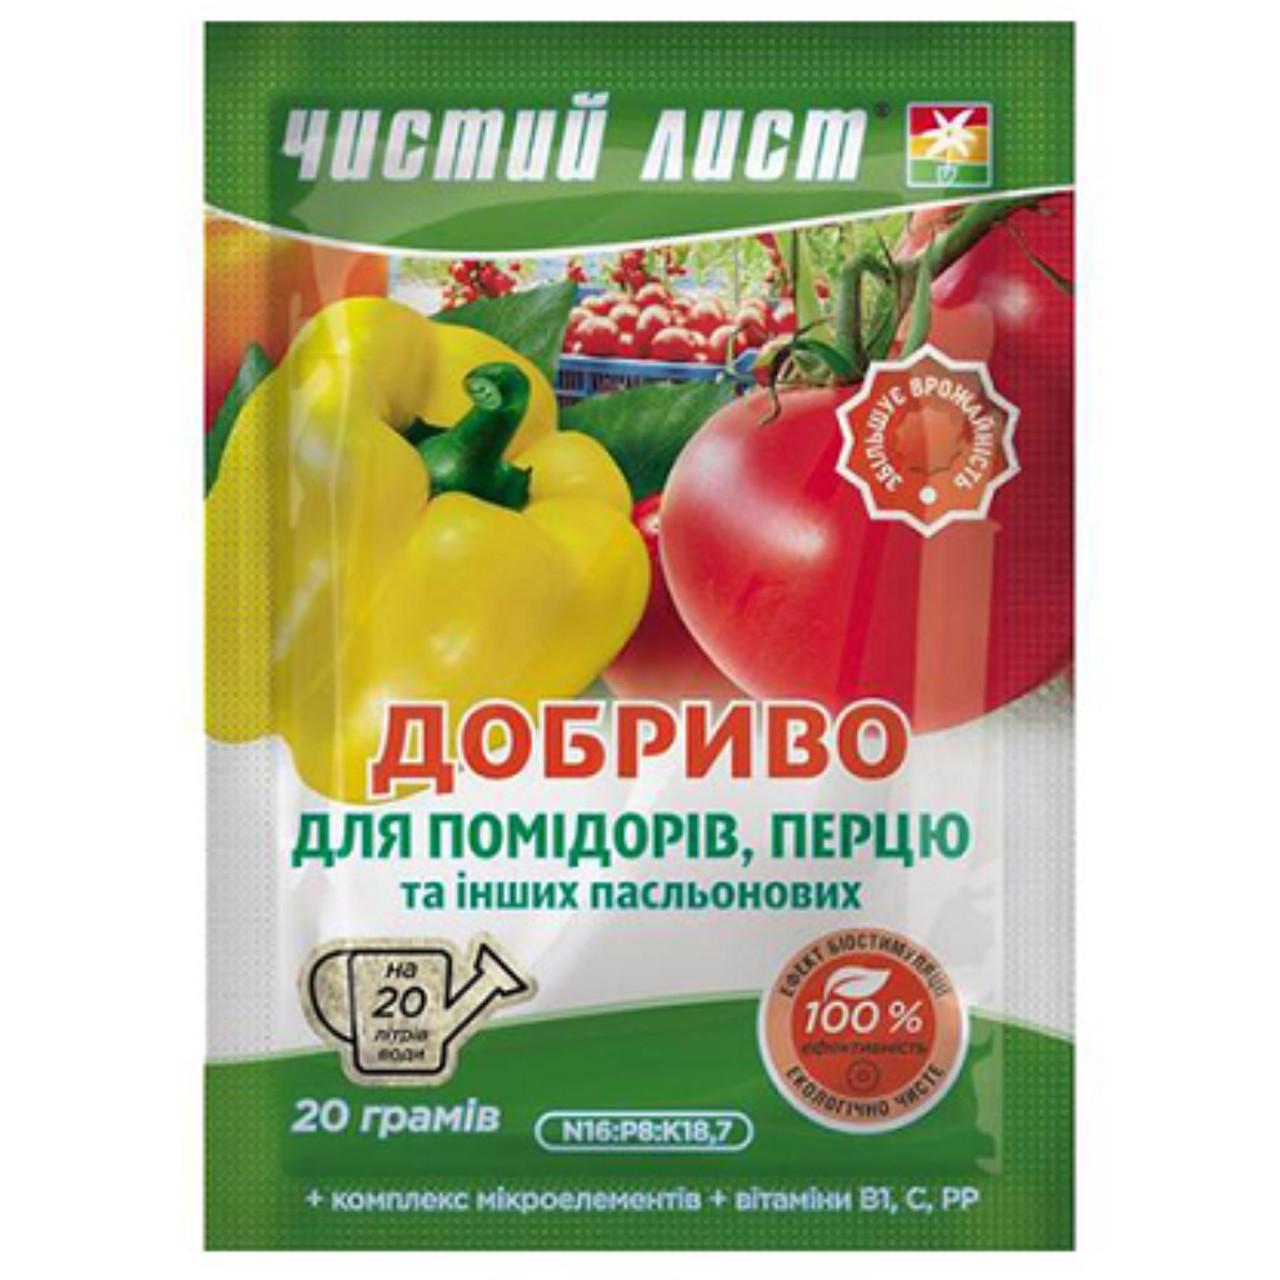 Удобрение Чистый лист для помидоров и перца 20 г